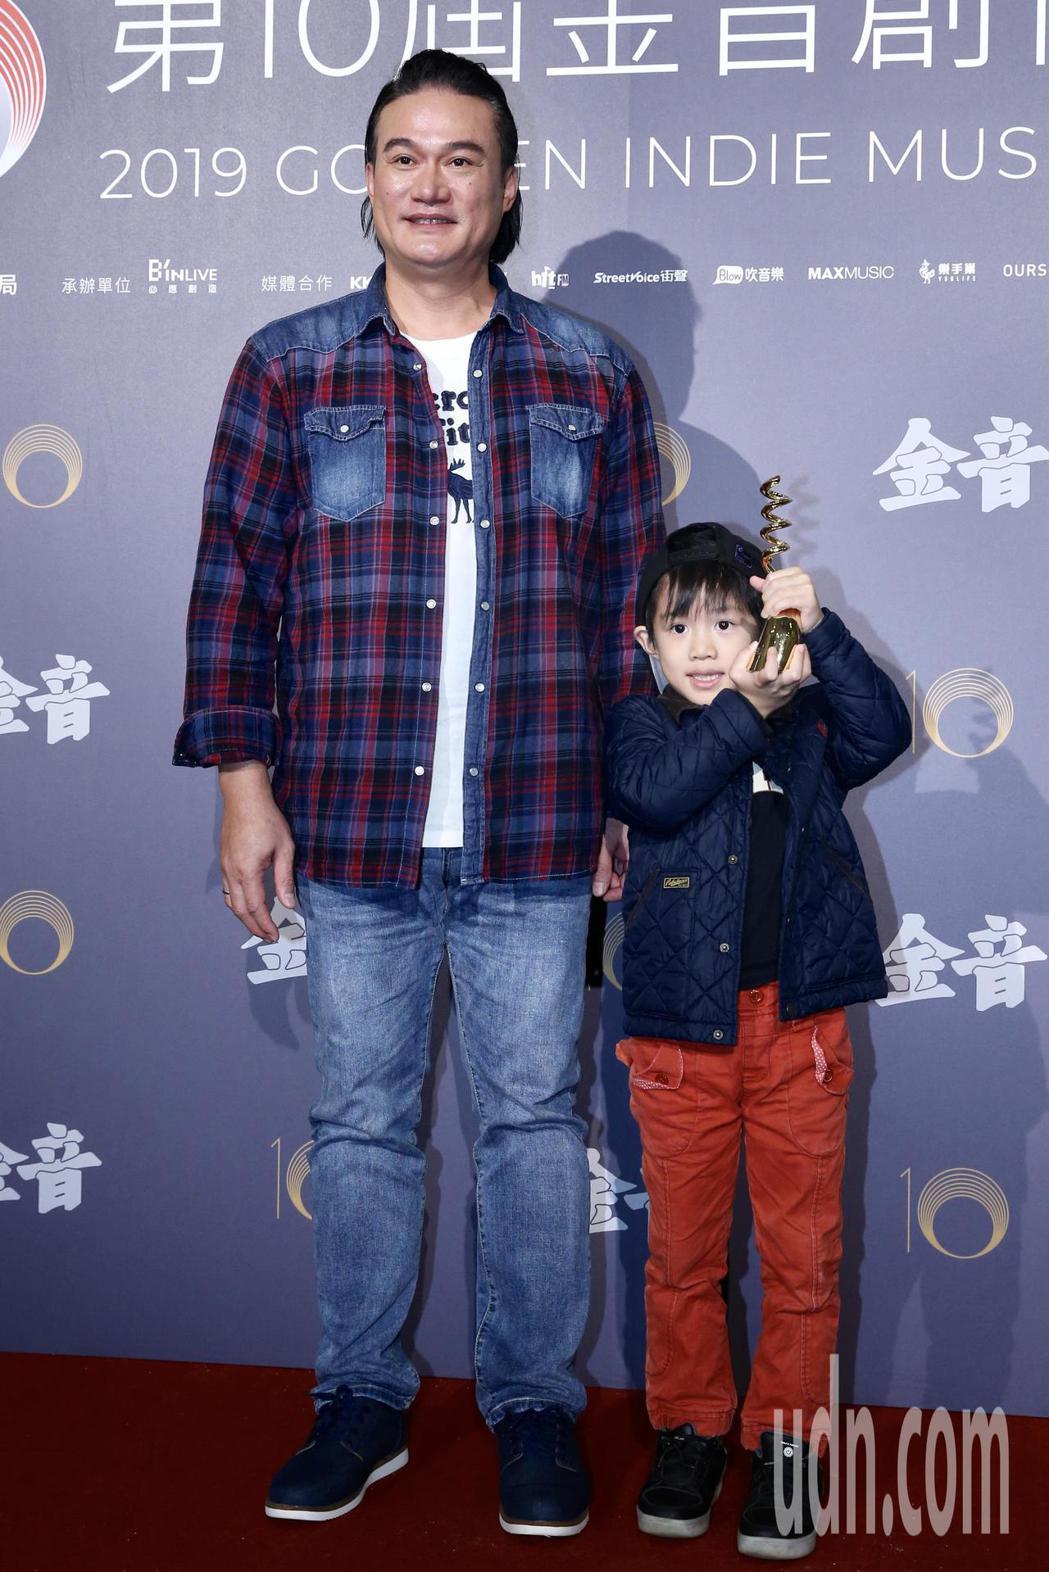 第十屆金音創作獎頒獎典禮在國父紀念館舉行,最佳跨界或世界音樂專輯獎由查勞・巴西瓦